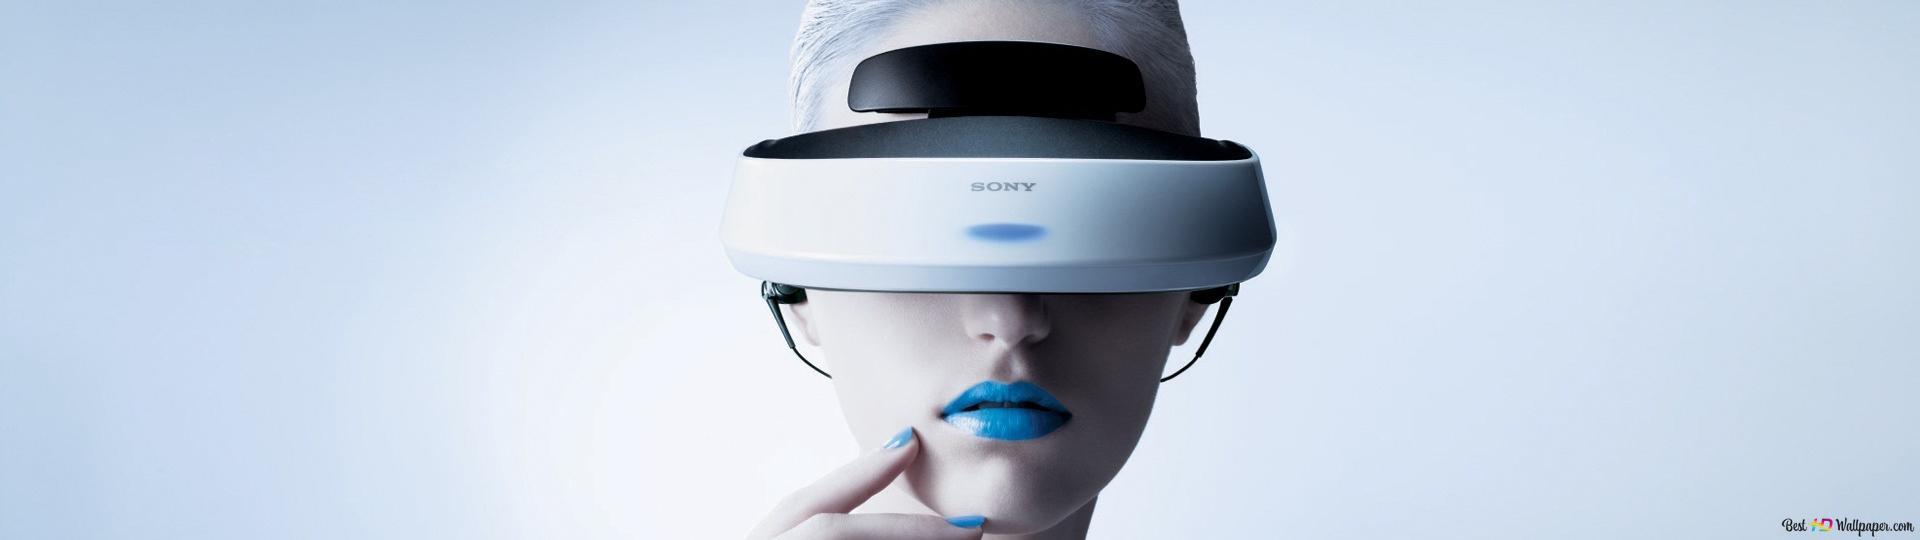 ps4 casque de r alit virtuelle hd fond d 39 cran t l charger. Black Bedroom Furniture Sets. Home Design Ideas